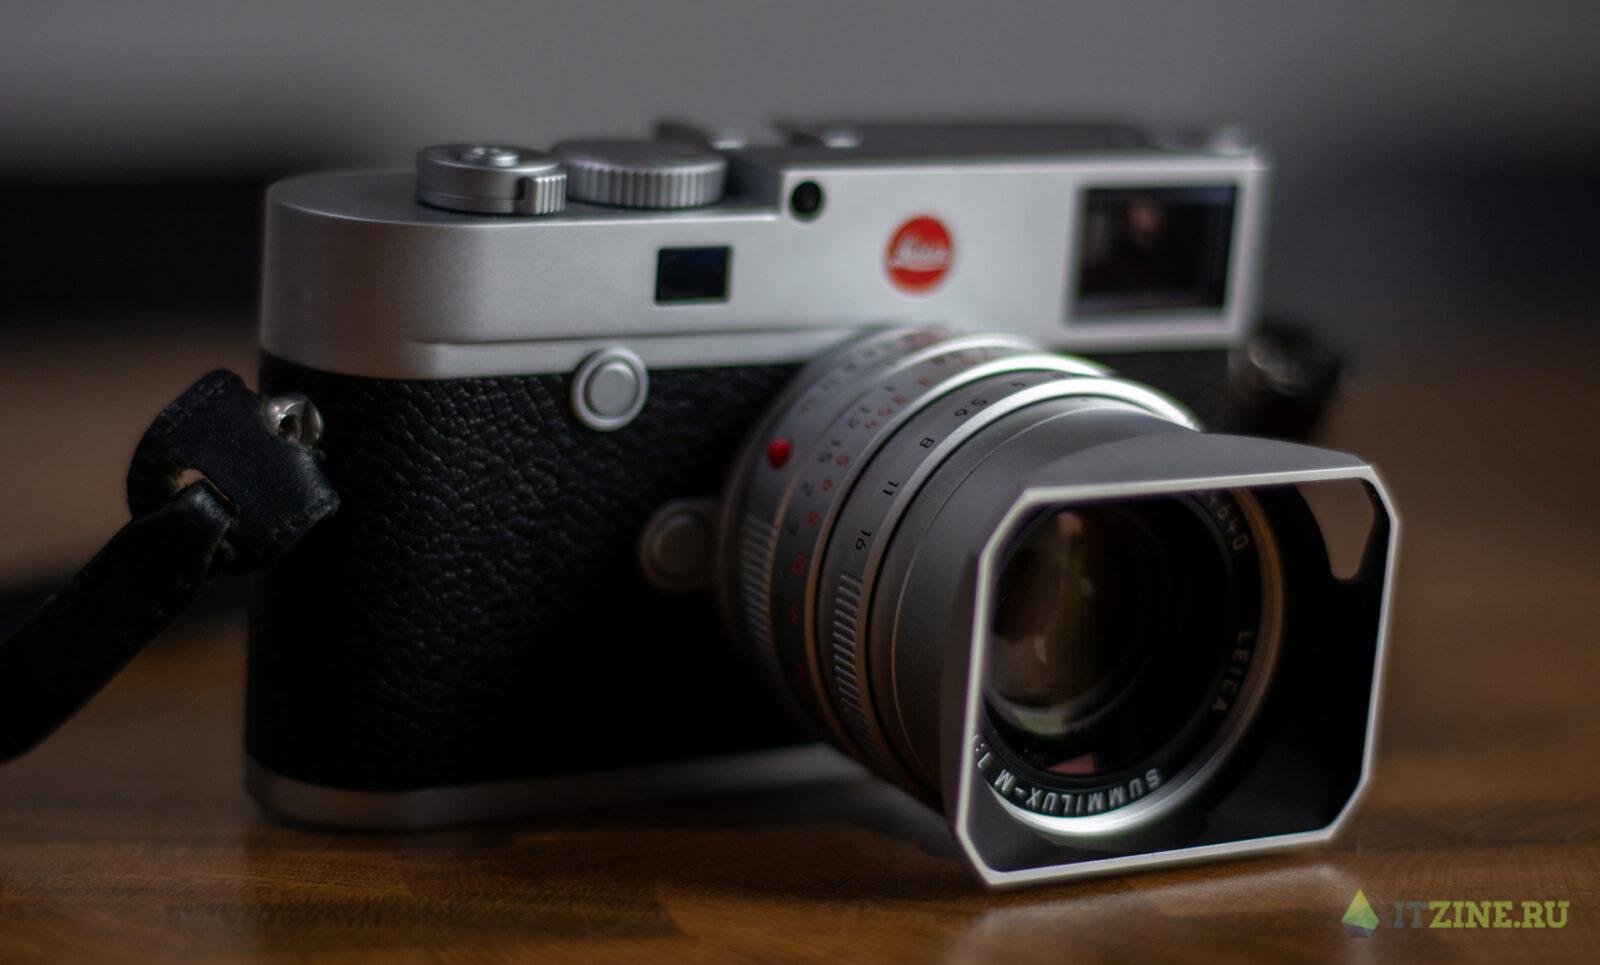 Обзор камеры Leica M10: круче просто некуда (DSC 9411)